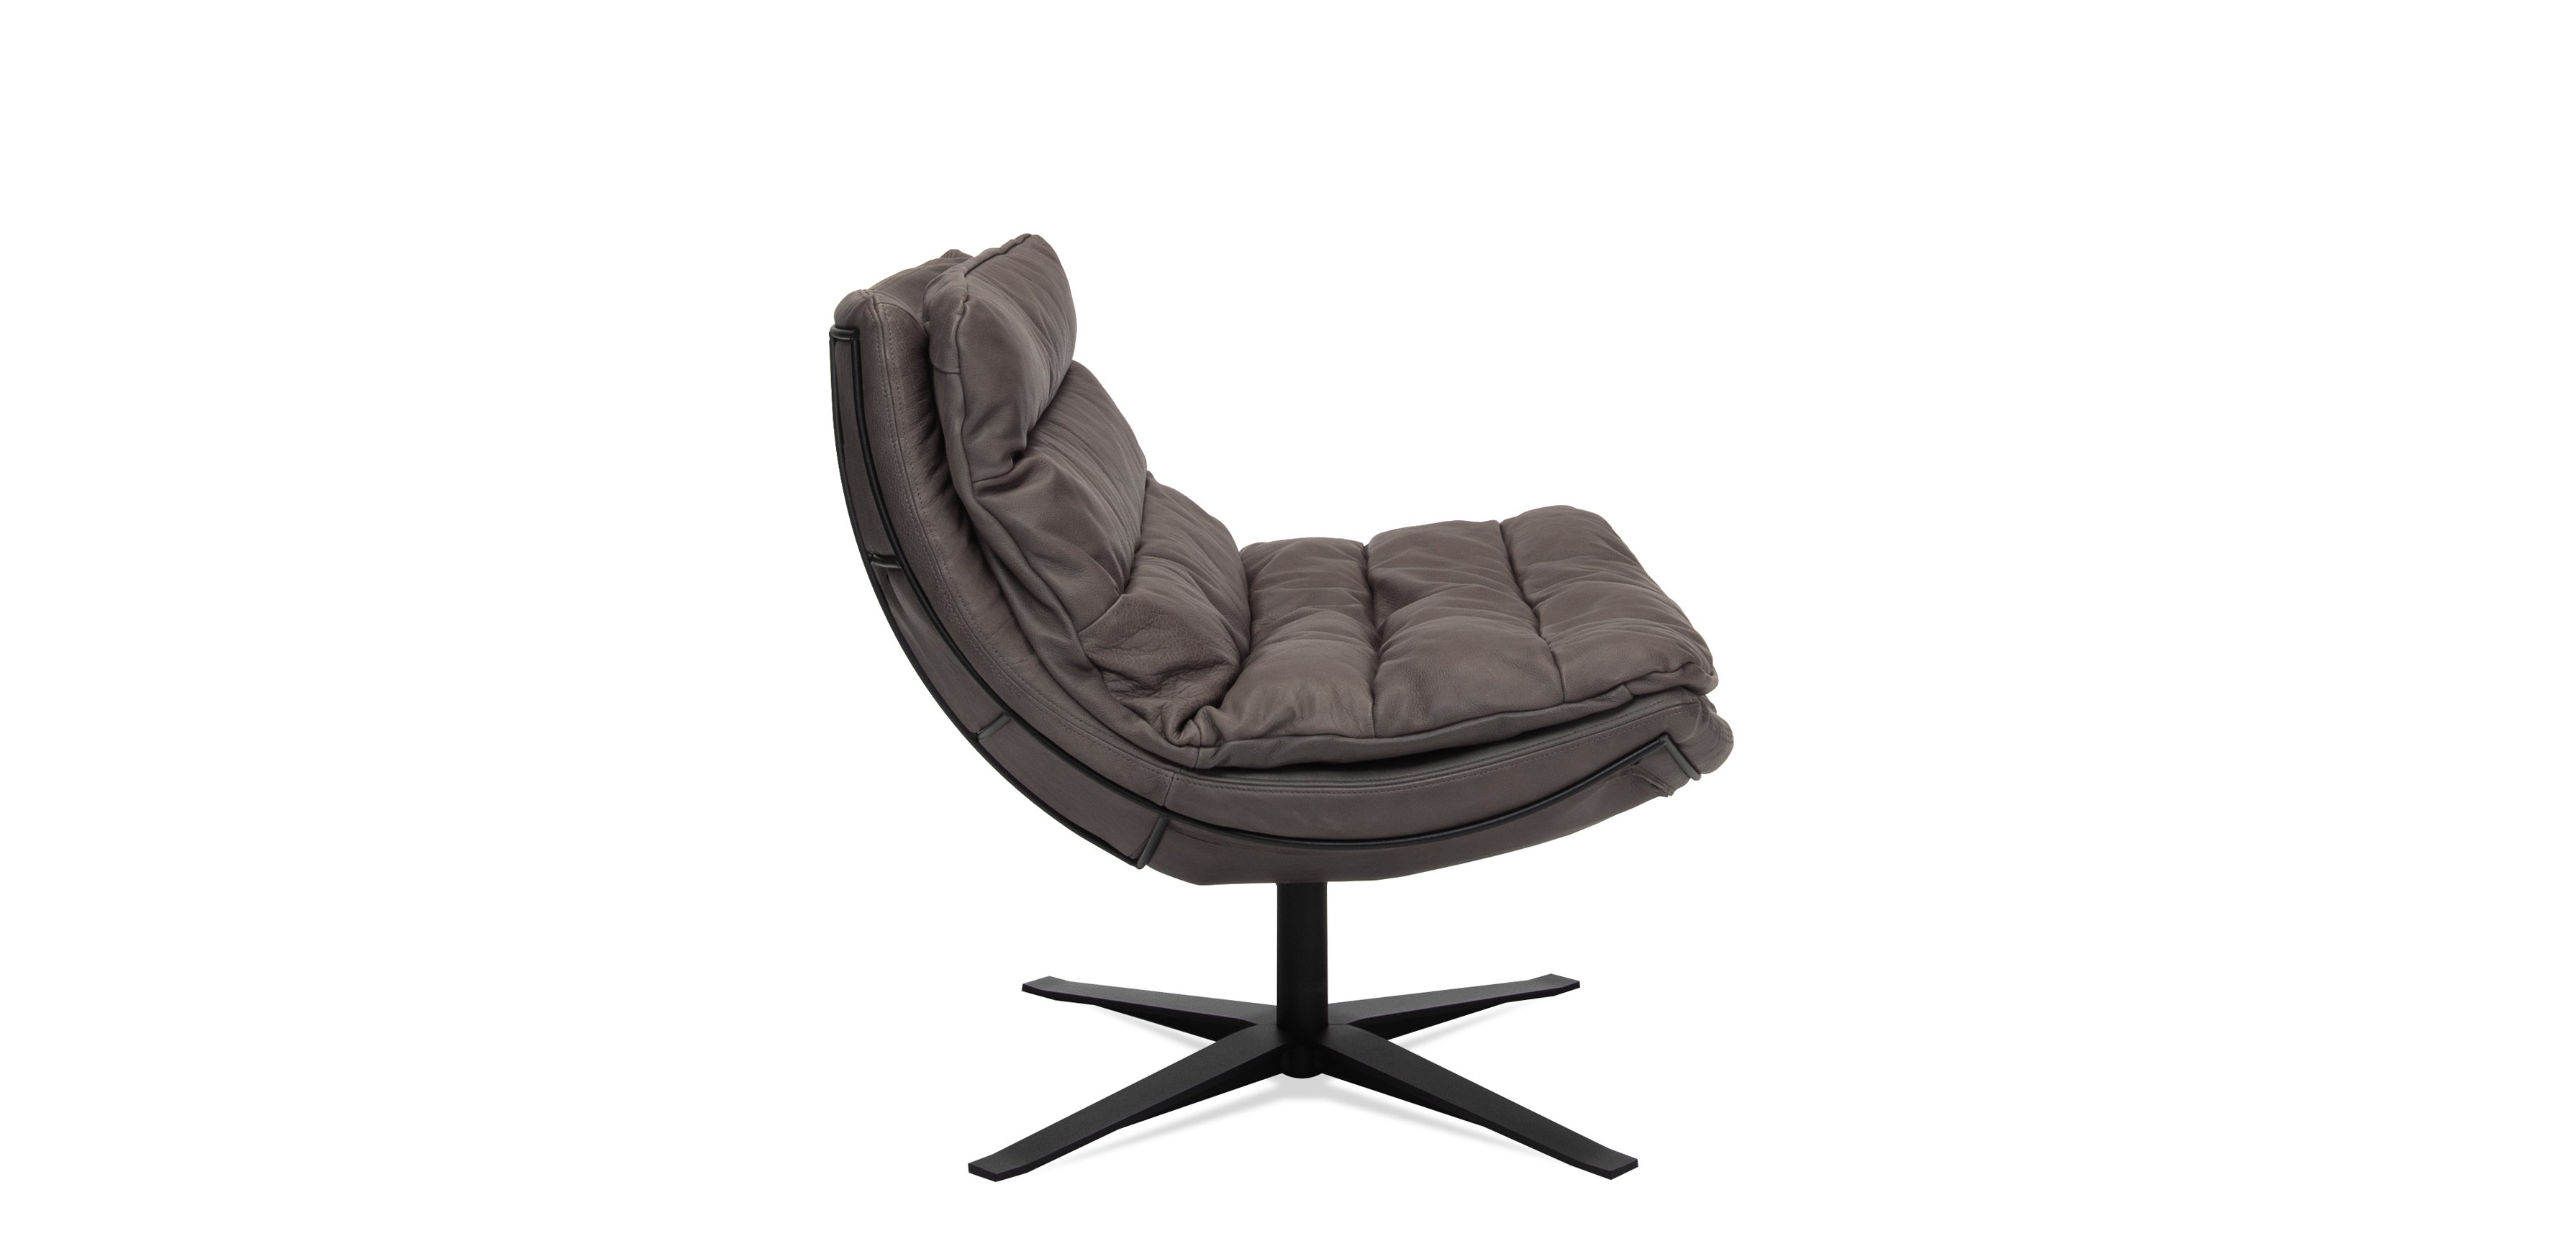 Kameraad fauteuil DYYK 11